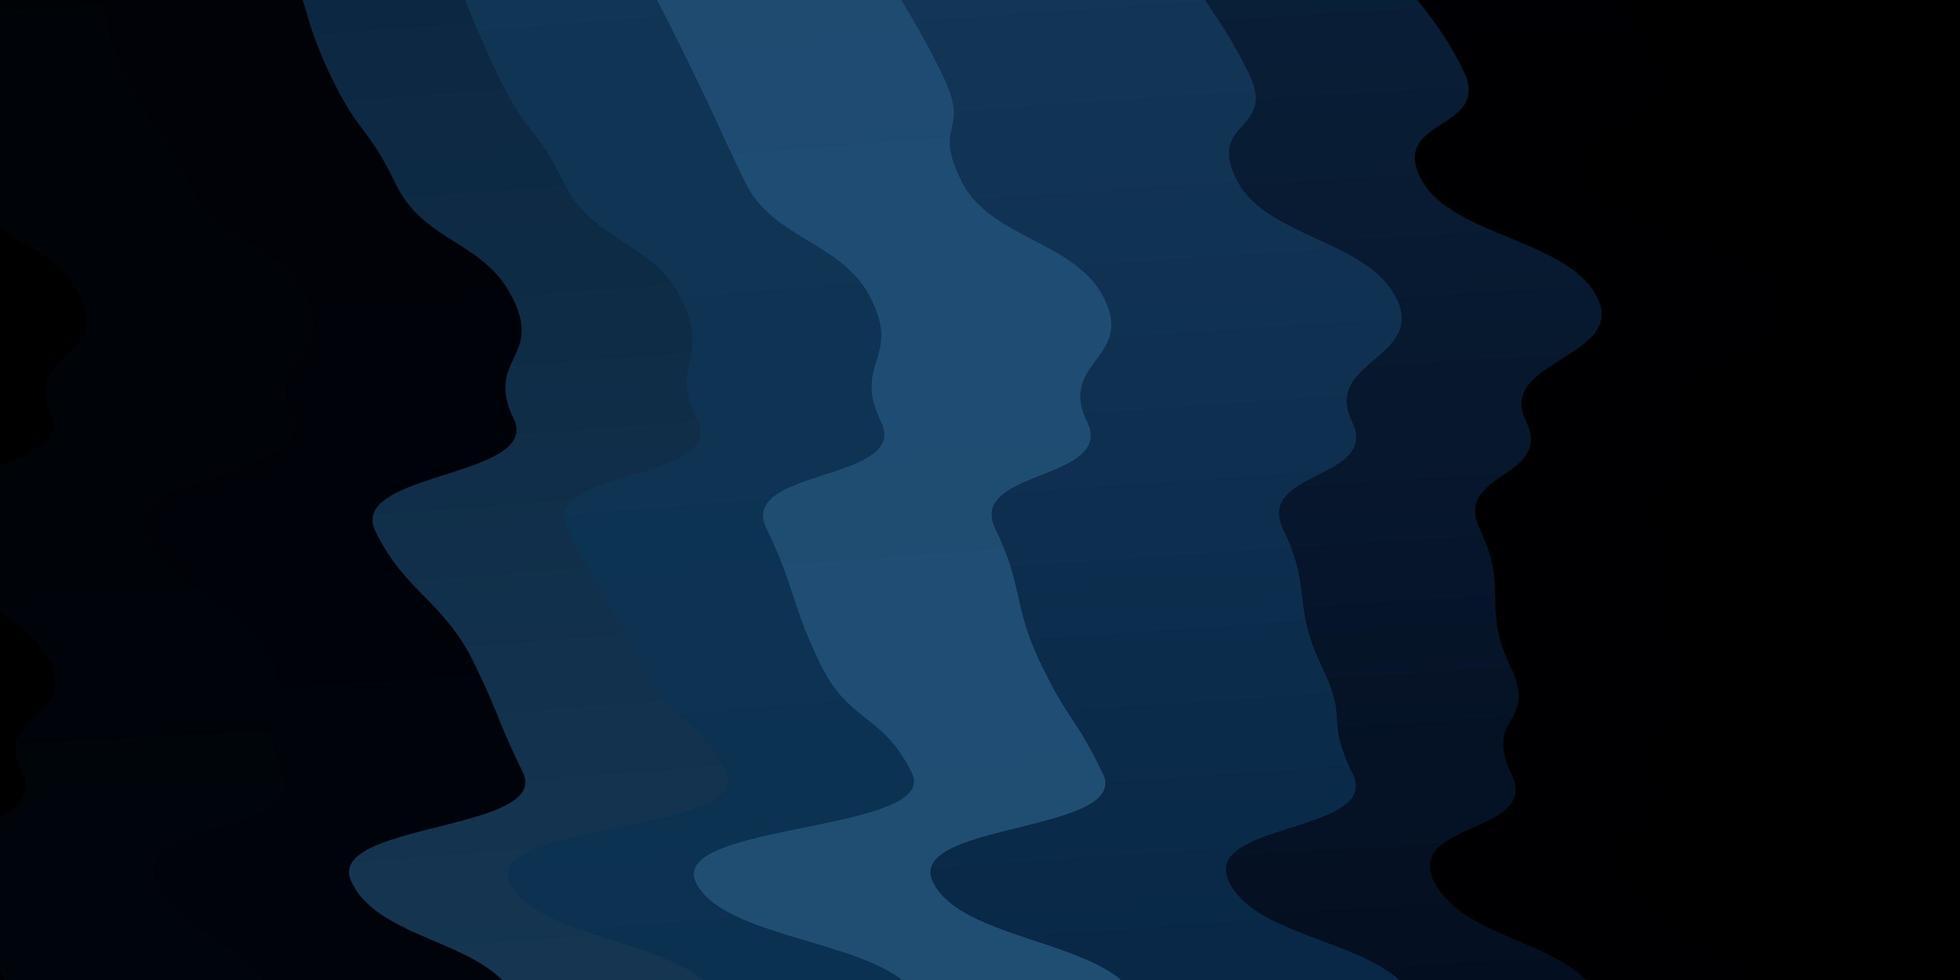 mörkblå vektor bakgrund med cirkulär båge.